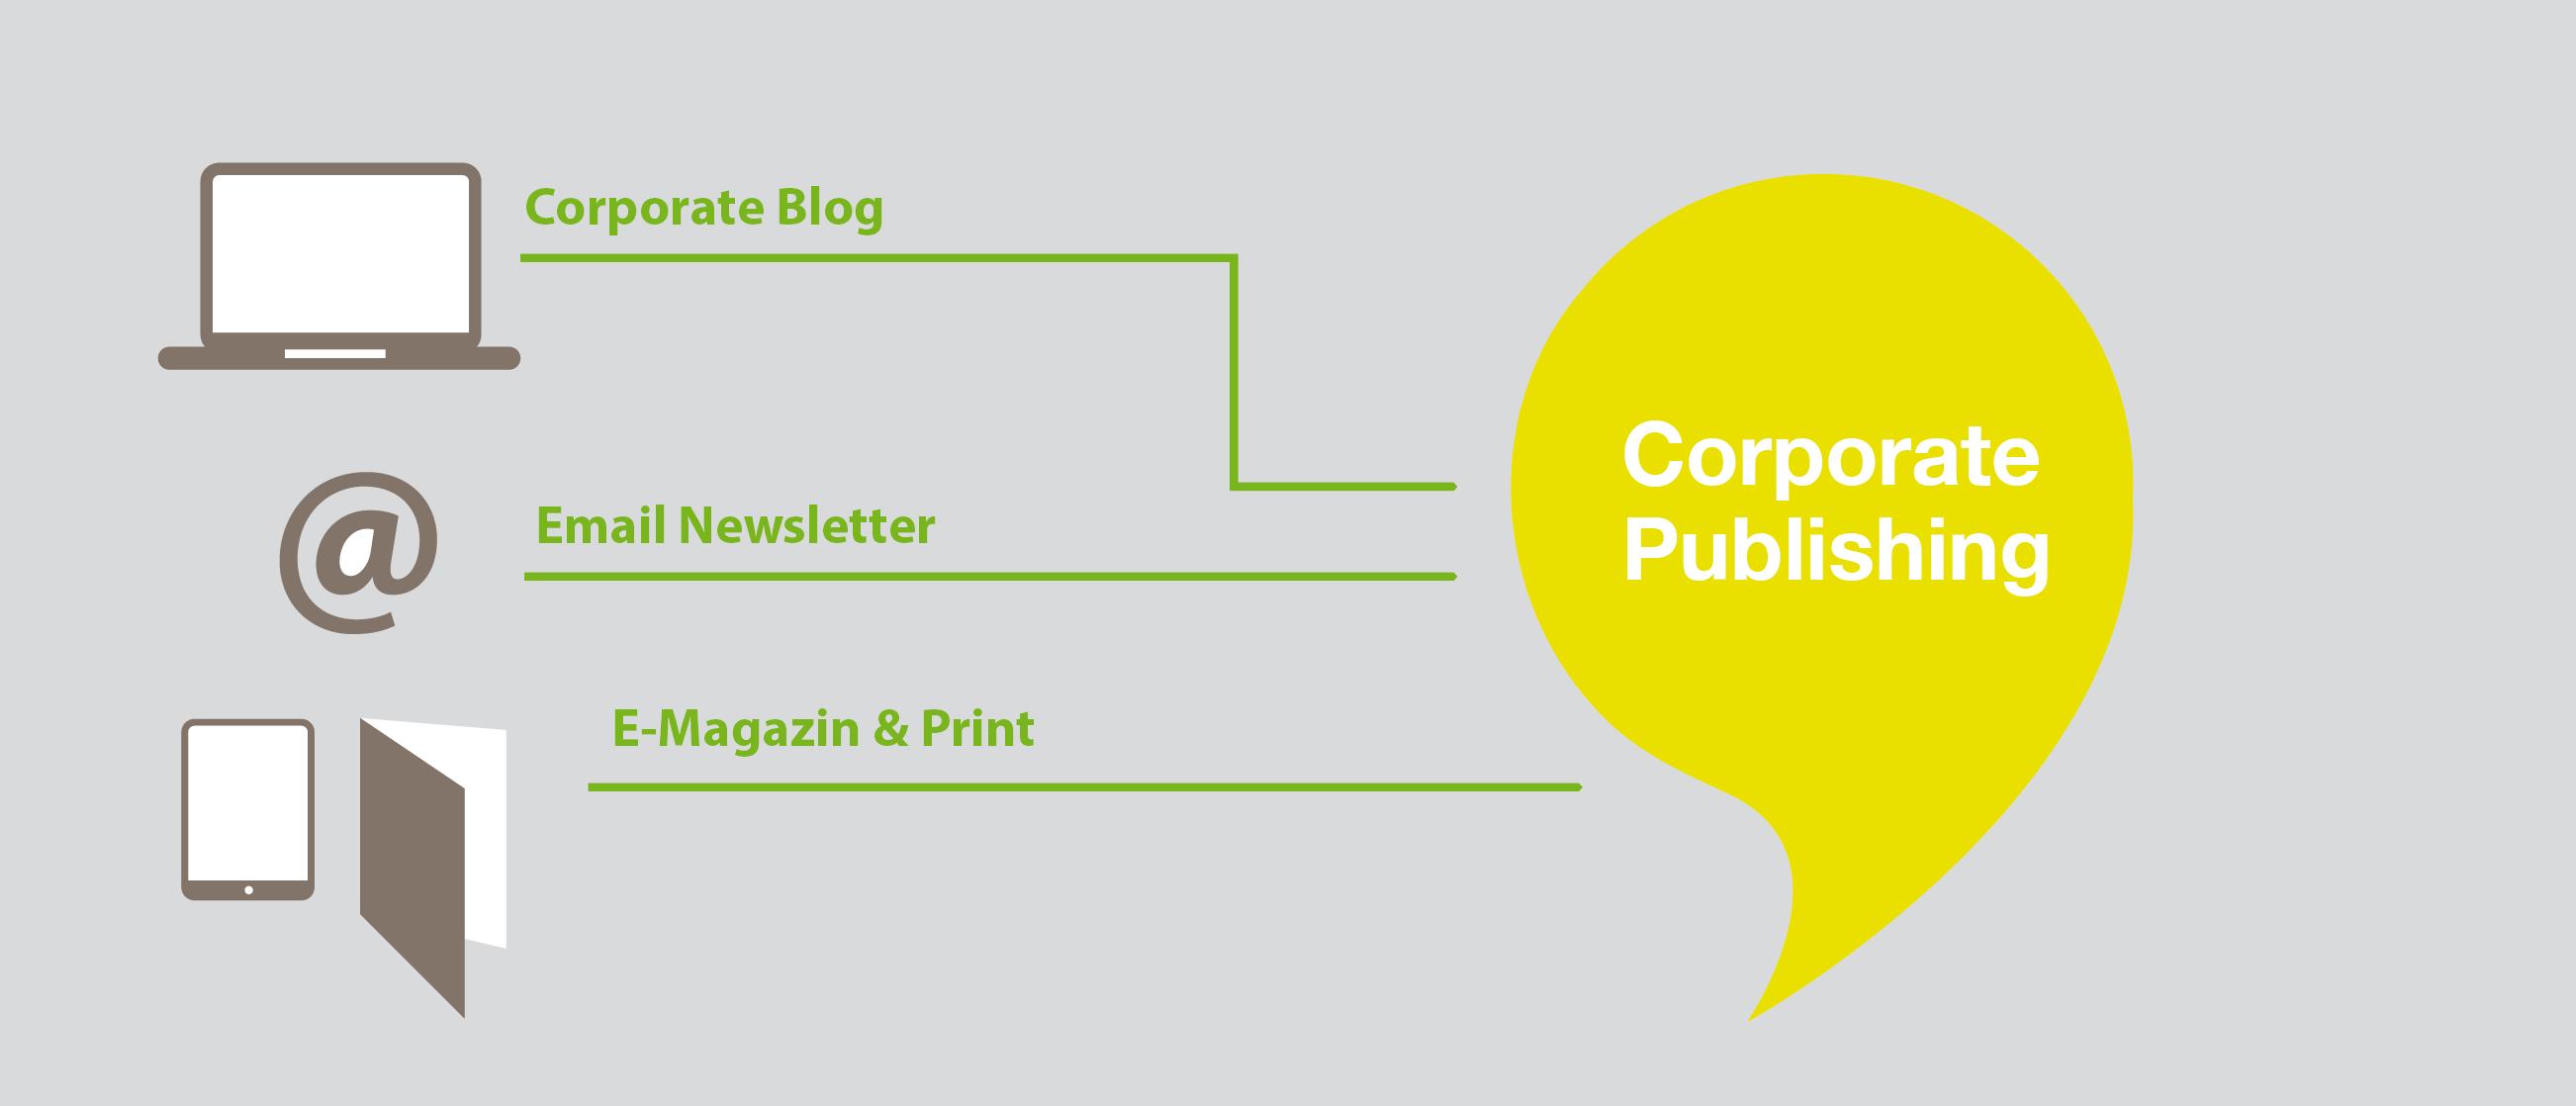 Unternehmensmedien und Kommunikationsmittel